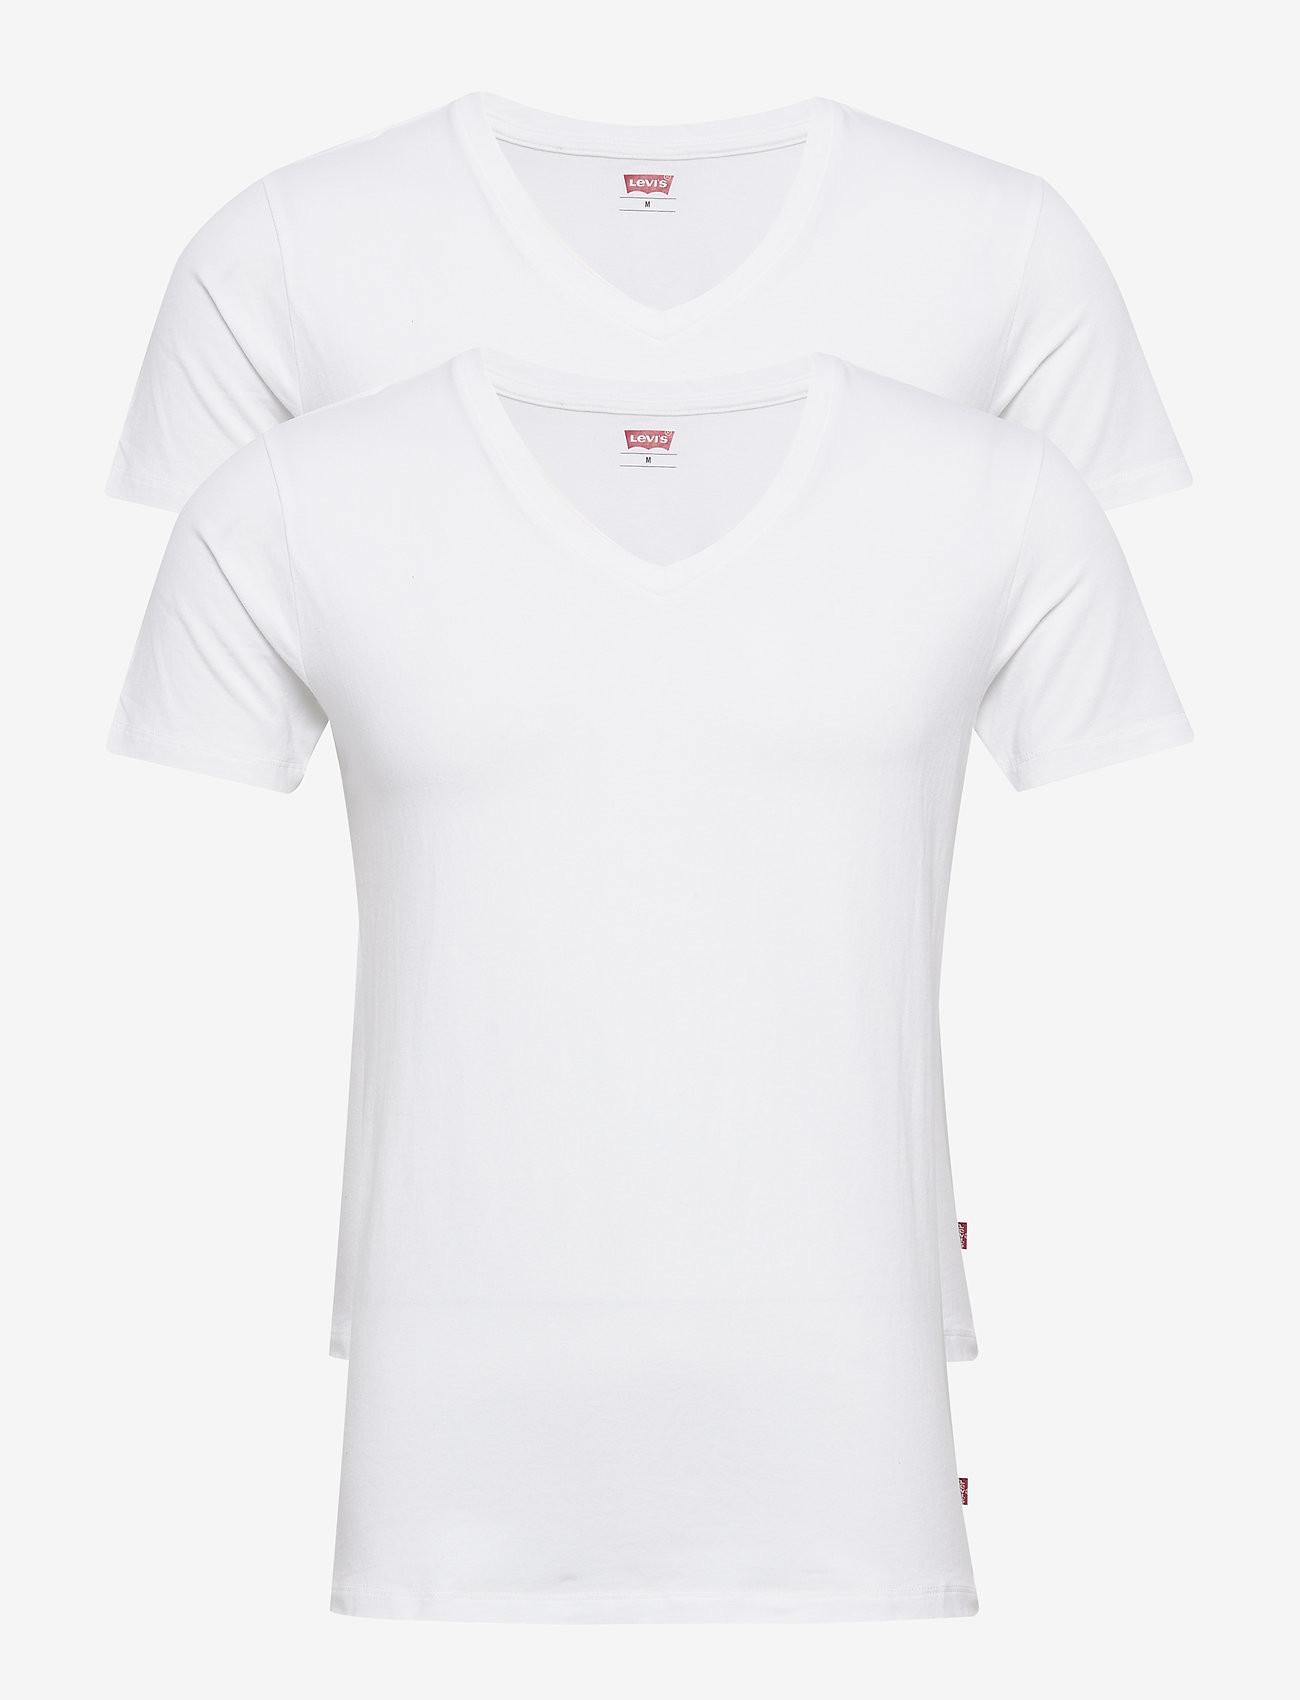 2PACK pánské tričko Levis V-neck bílé (905056001 300) L